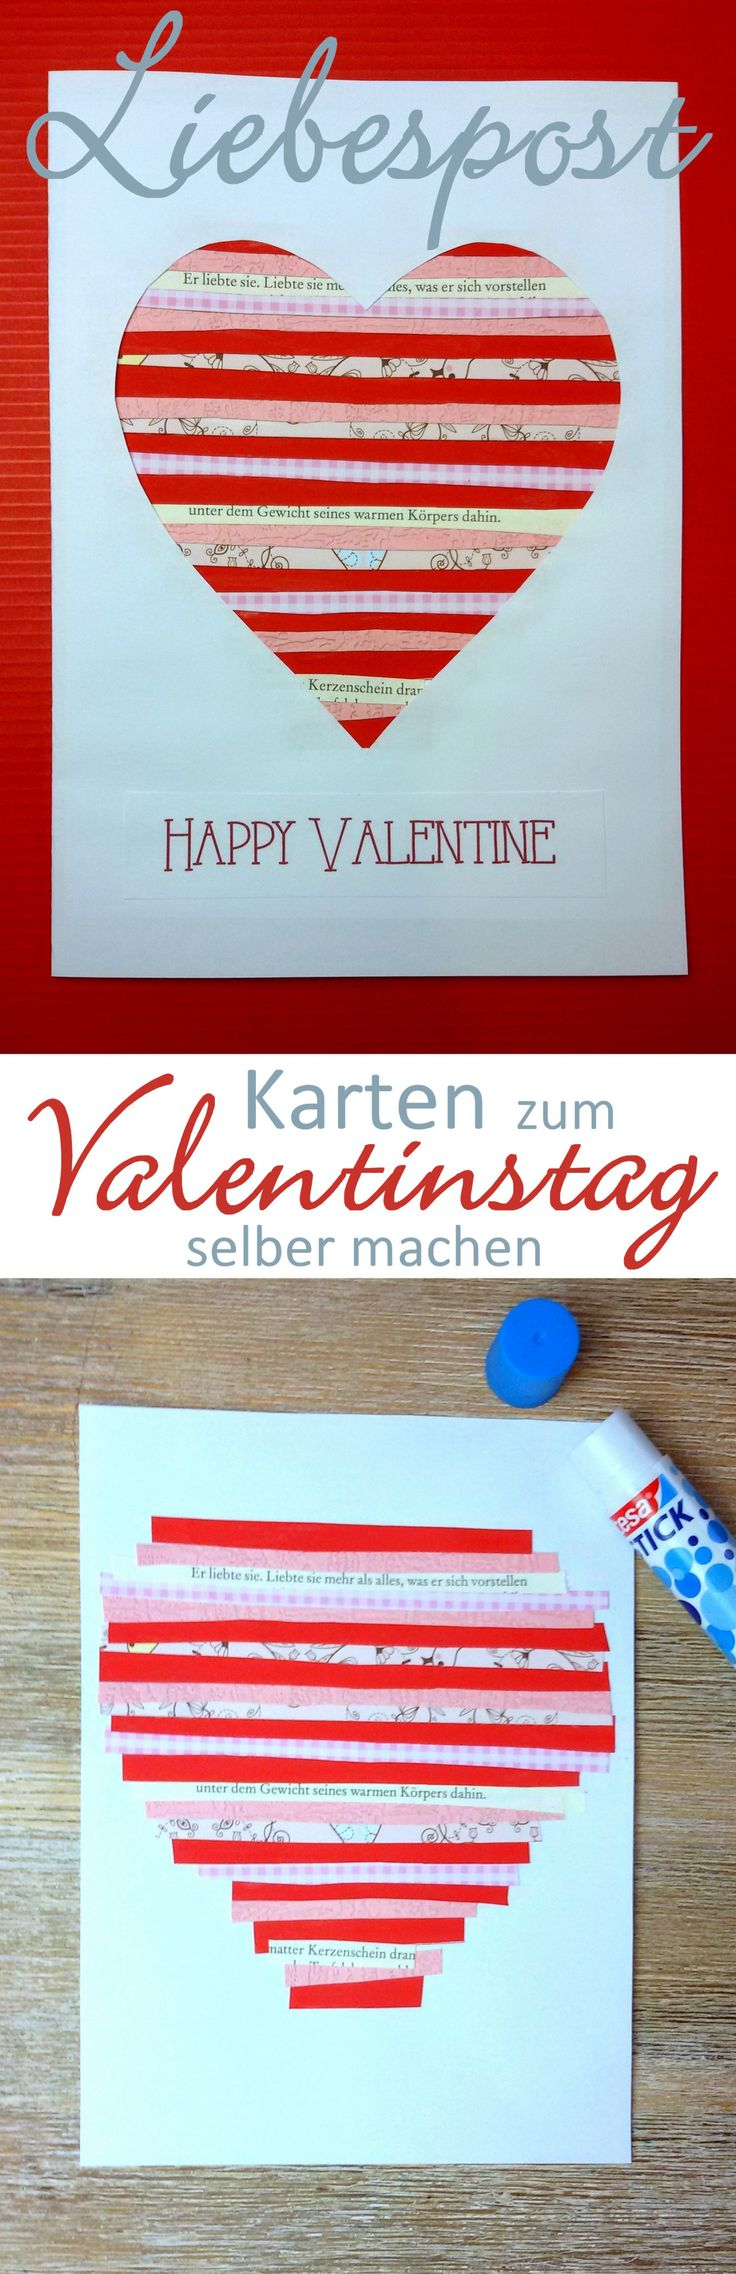 Grußkarte Zum Valentinstag Selber Machen Am 14. Februar Ist Valentinstag,  Der Tag Der Liebenden